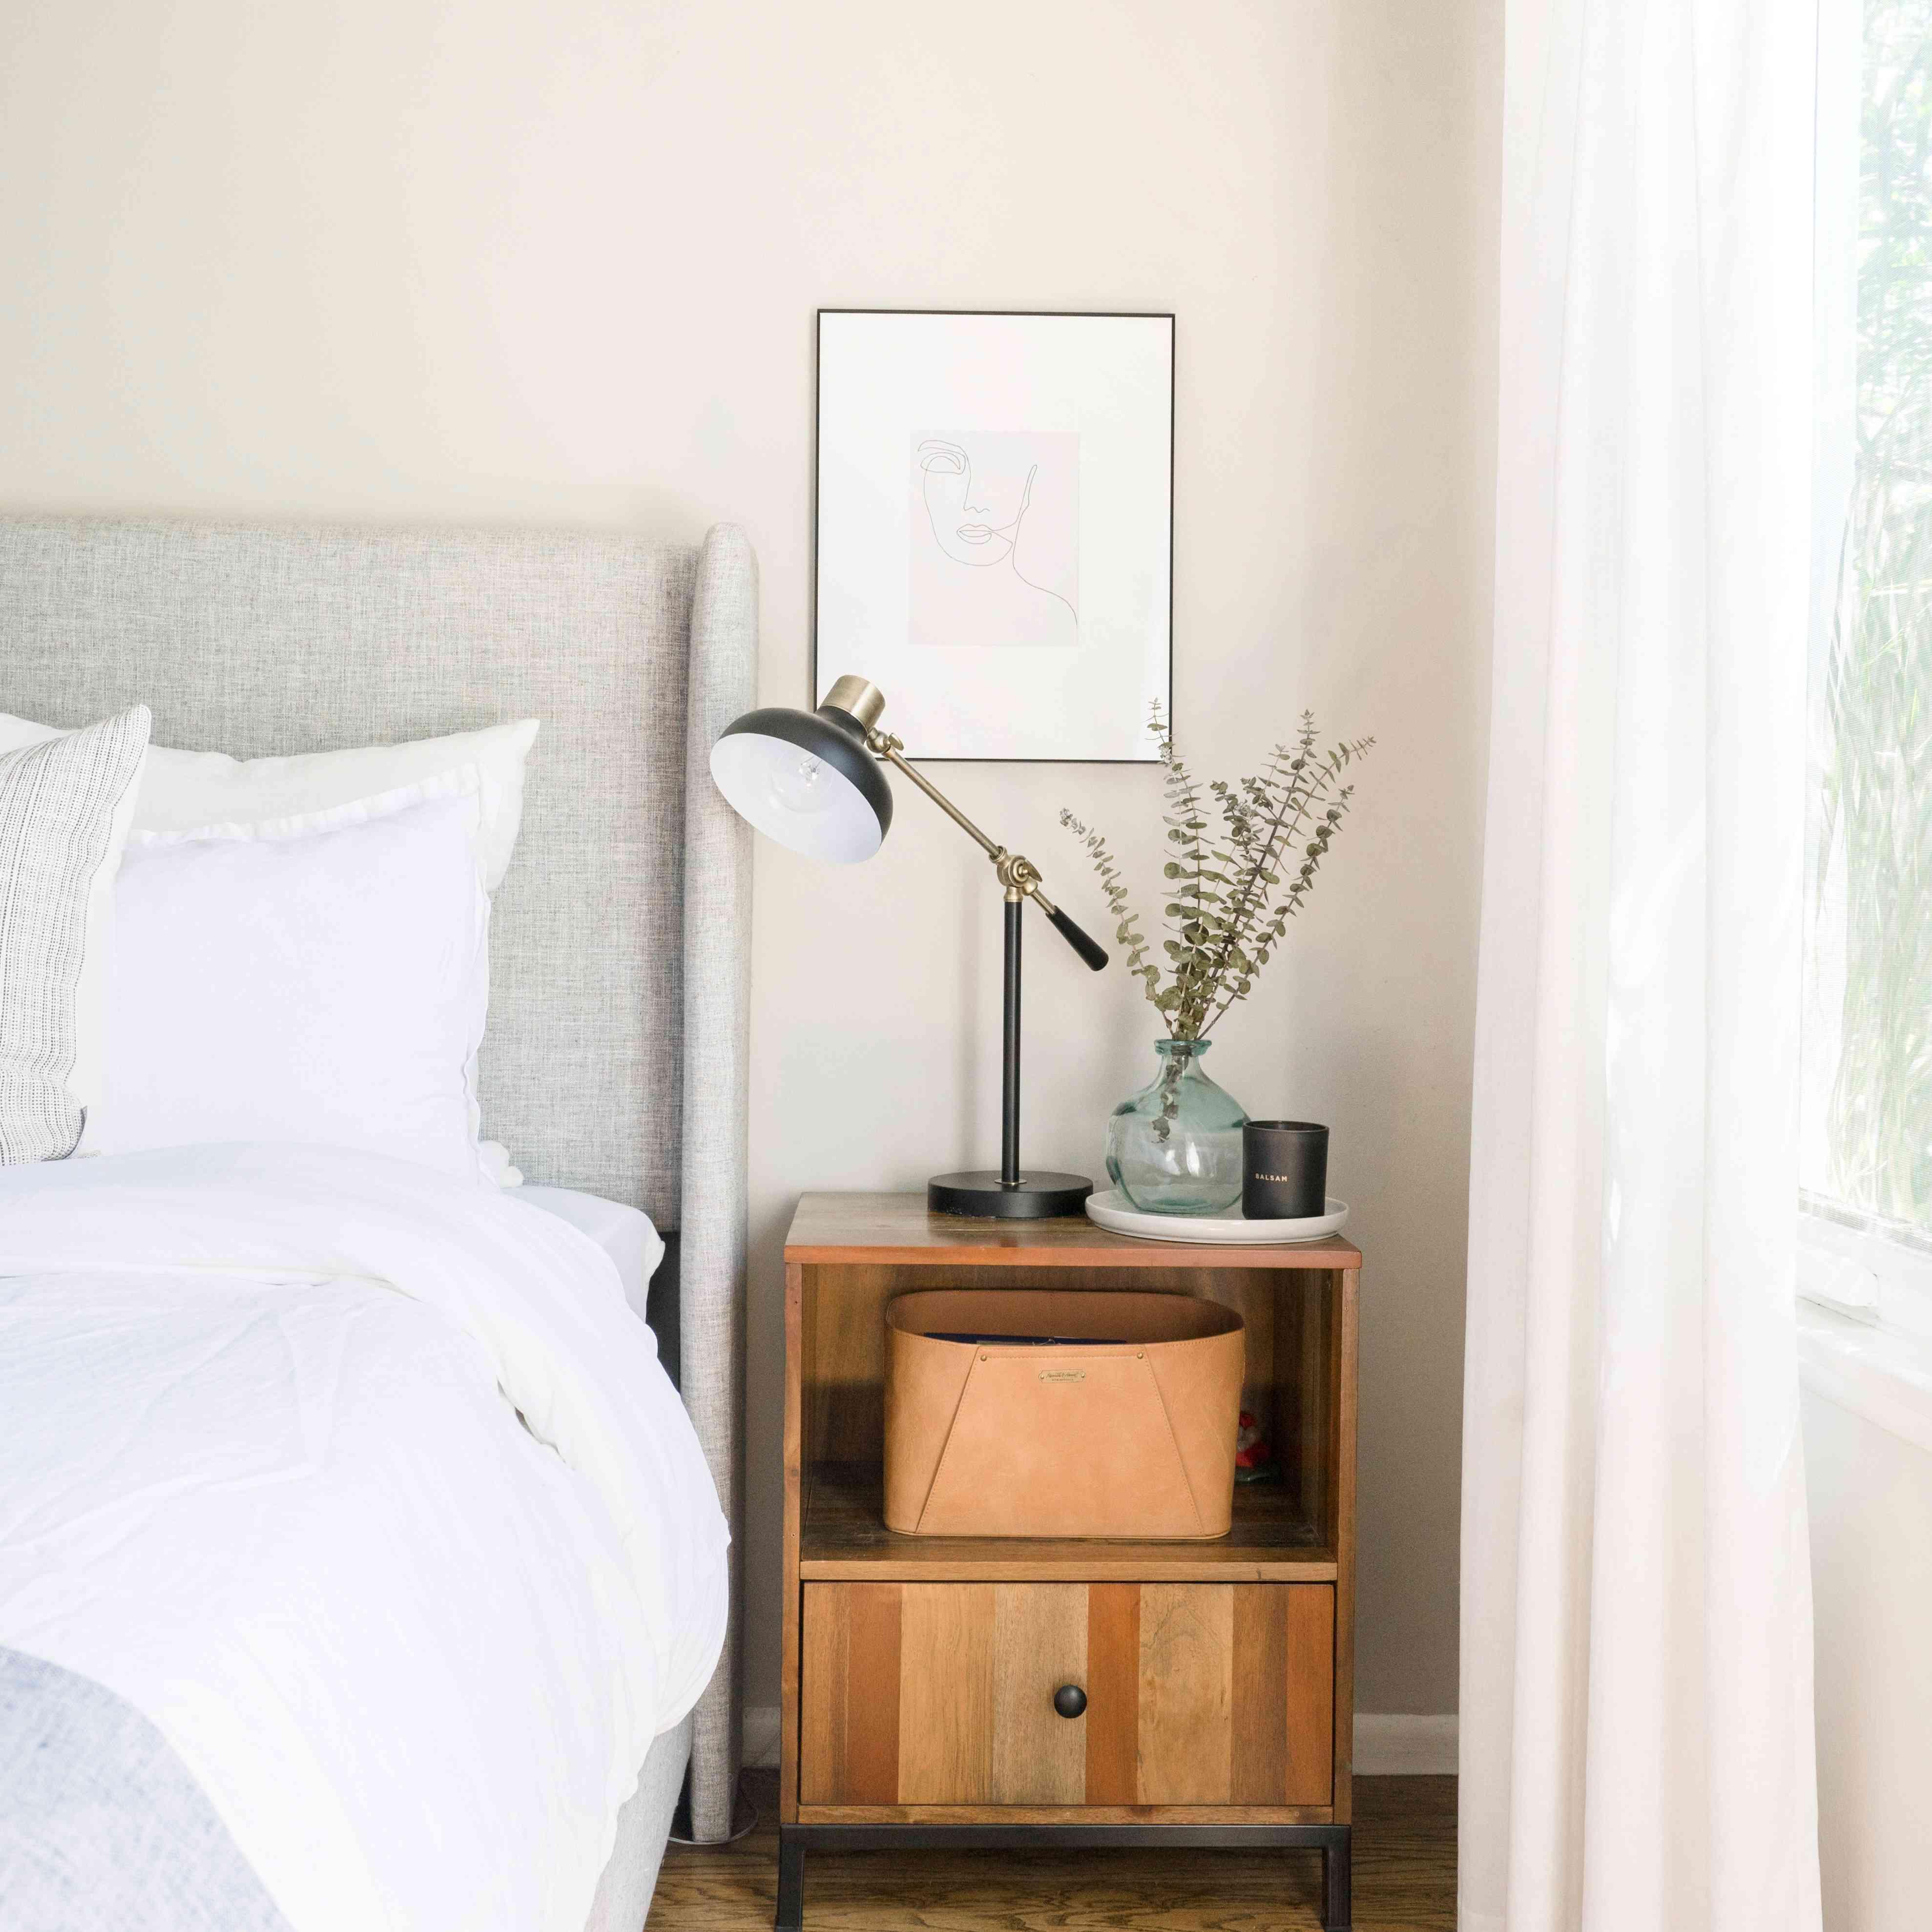 alisha agrellas home tour - dormitorio con cama gris y paleta neutra